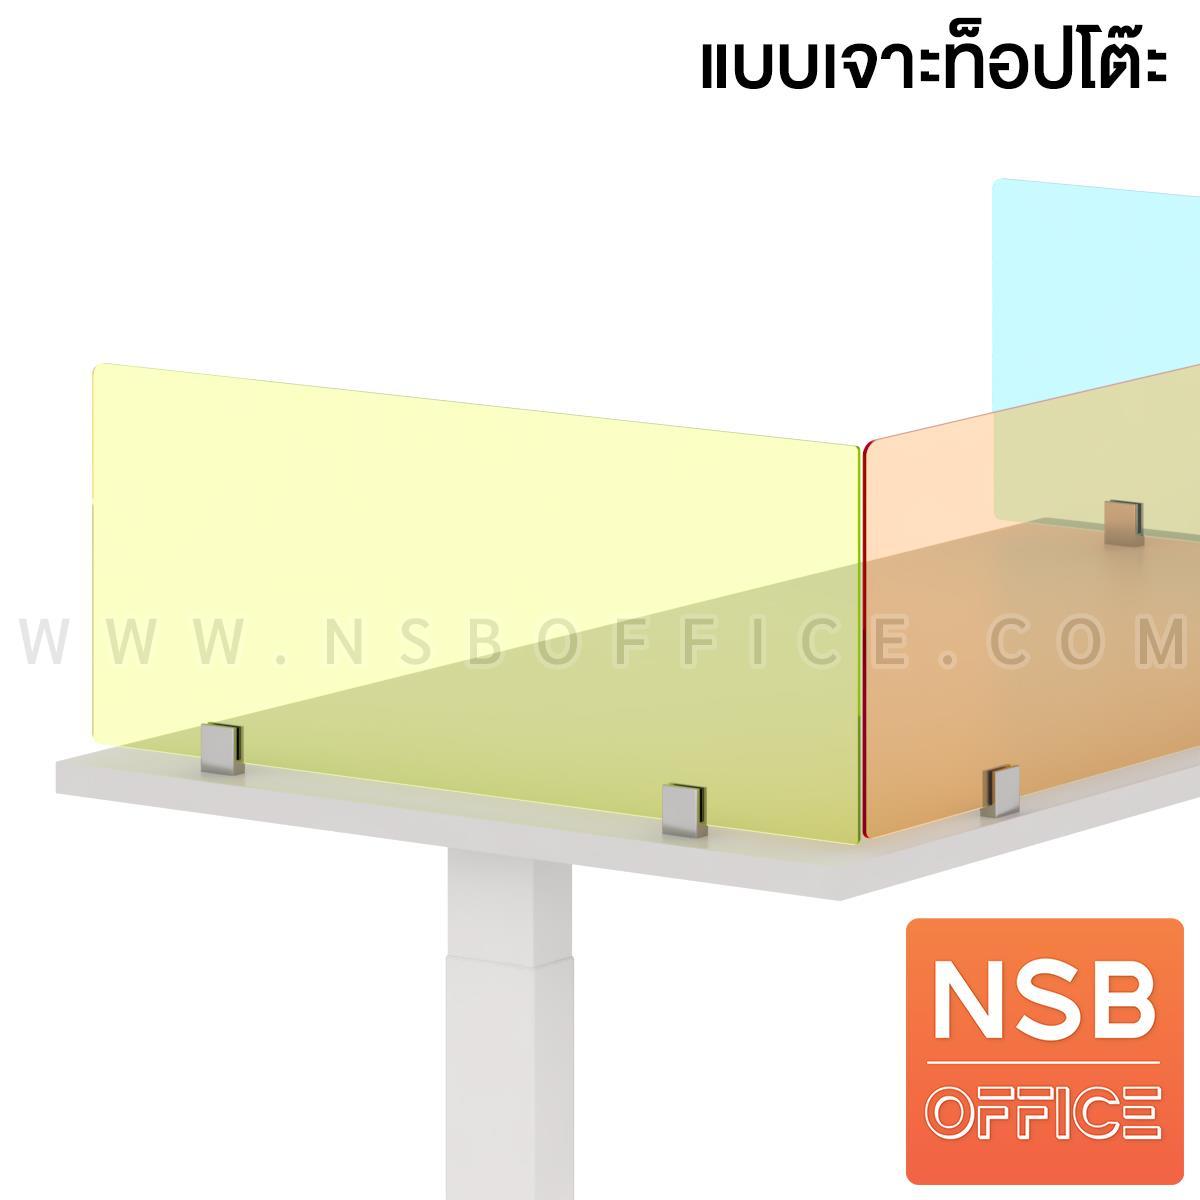 P04A038:มินิสกรีนกระจกสีสัน สูง 30 ซม. (แบบเจาะหน้าโต๊ะ) รุ่น Ganesha (เกเนชา)  พร้อมตัวจับ